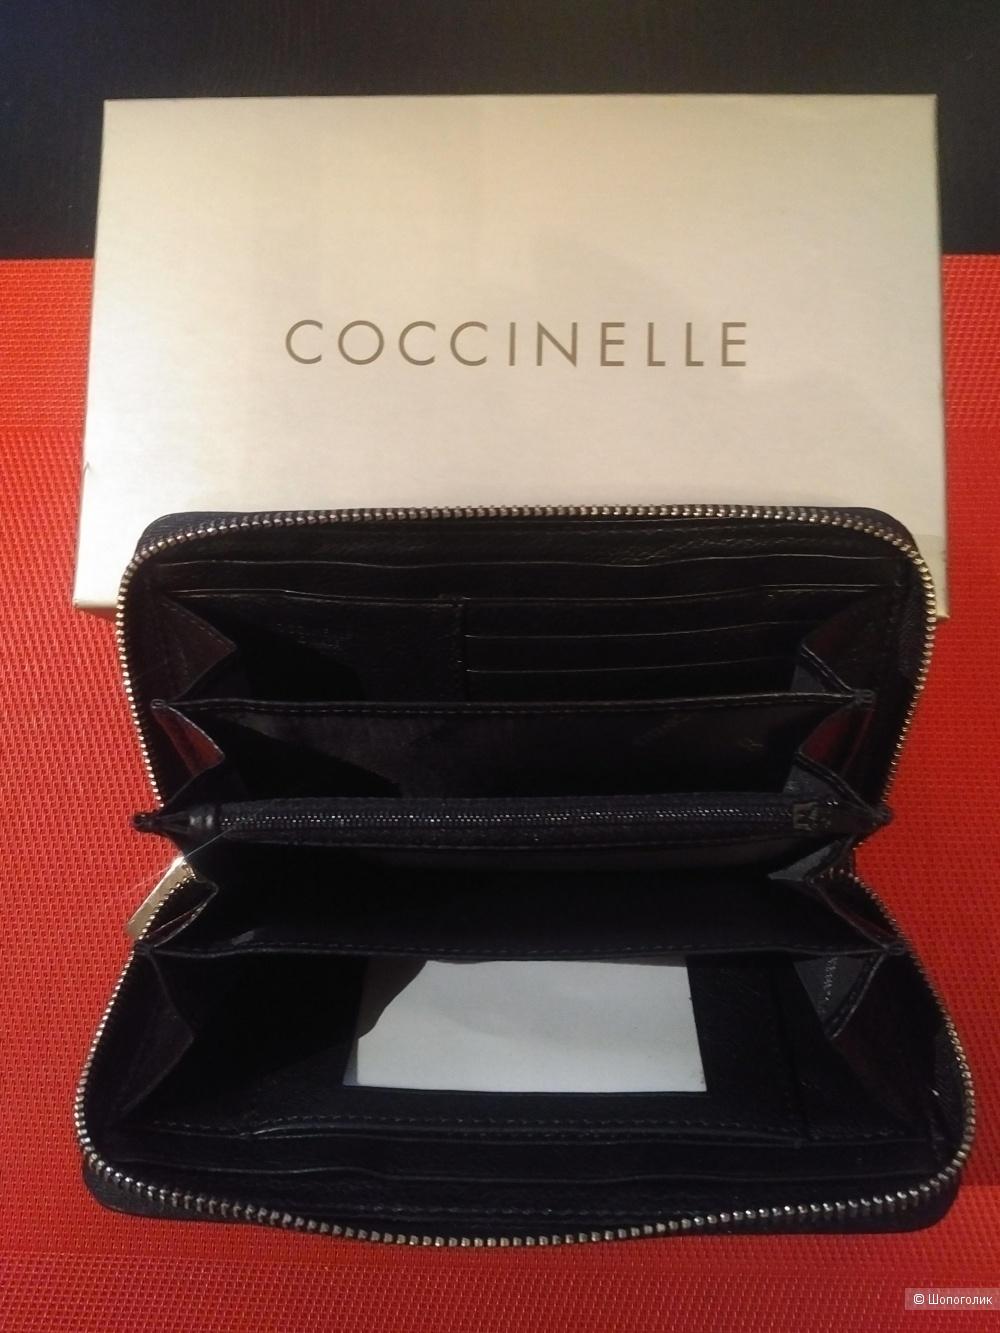 Кошелек бренда Coccinelle, размер 10 х 18 см